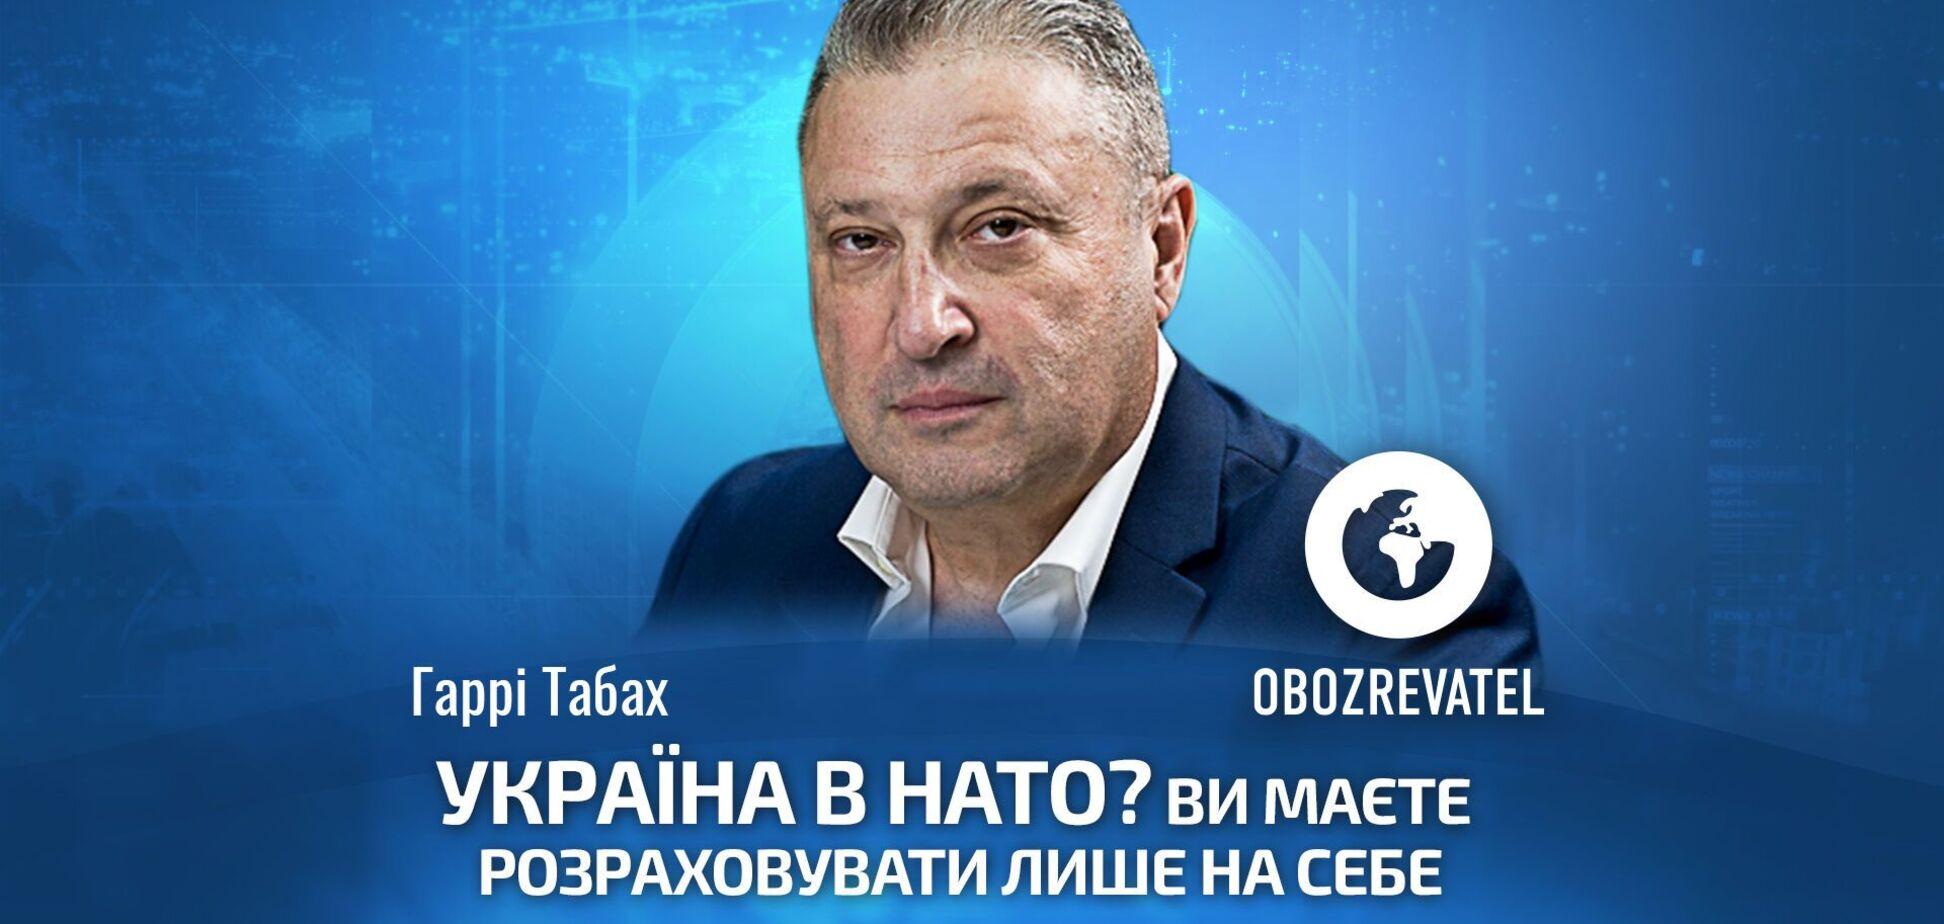 Офицер НАТО: Украина может рассчитывать только на себя